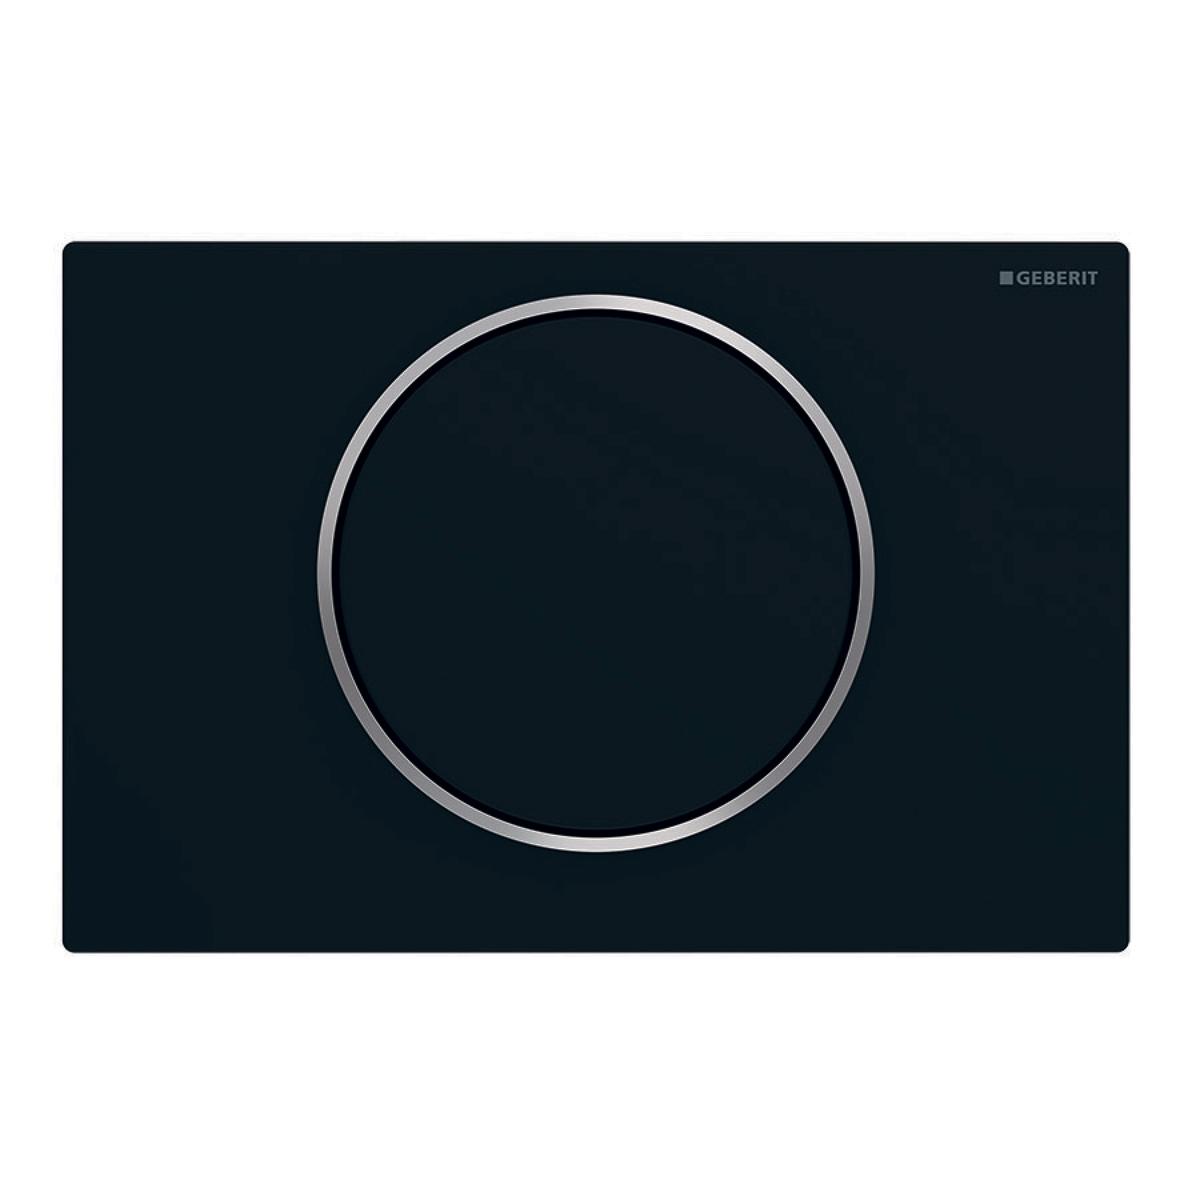 купить GEBERIT Sigma 10 115.758.14.5  (246x164мм)